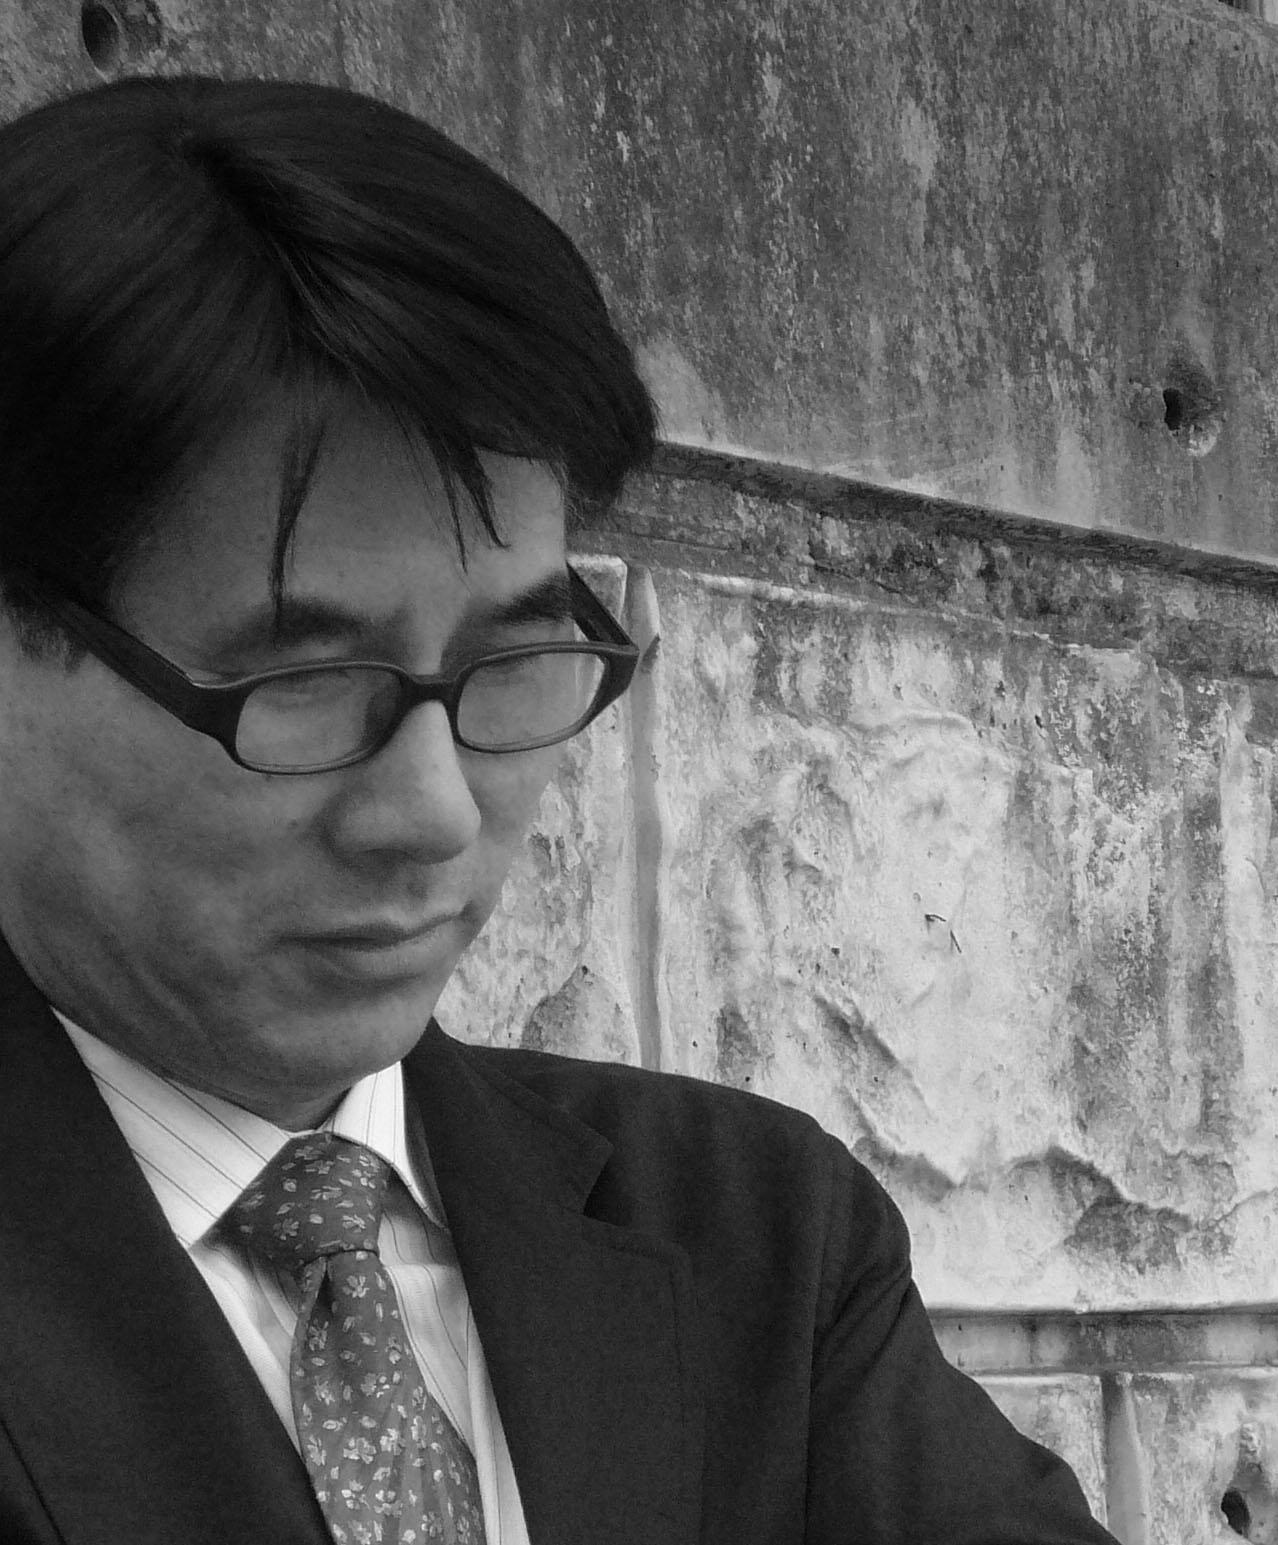 김홍기 교수 증명사진